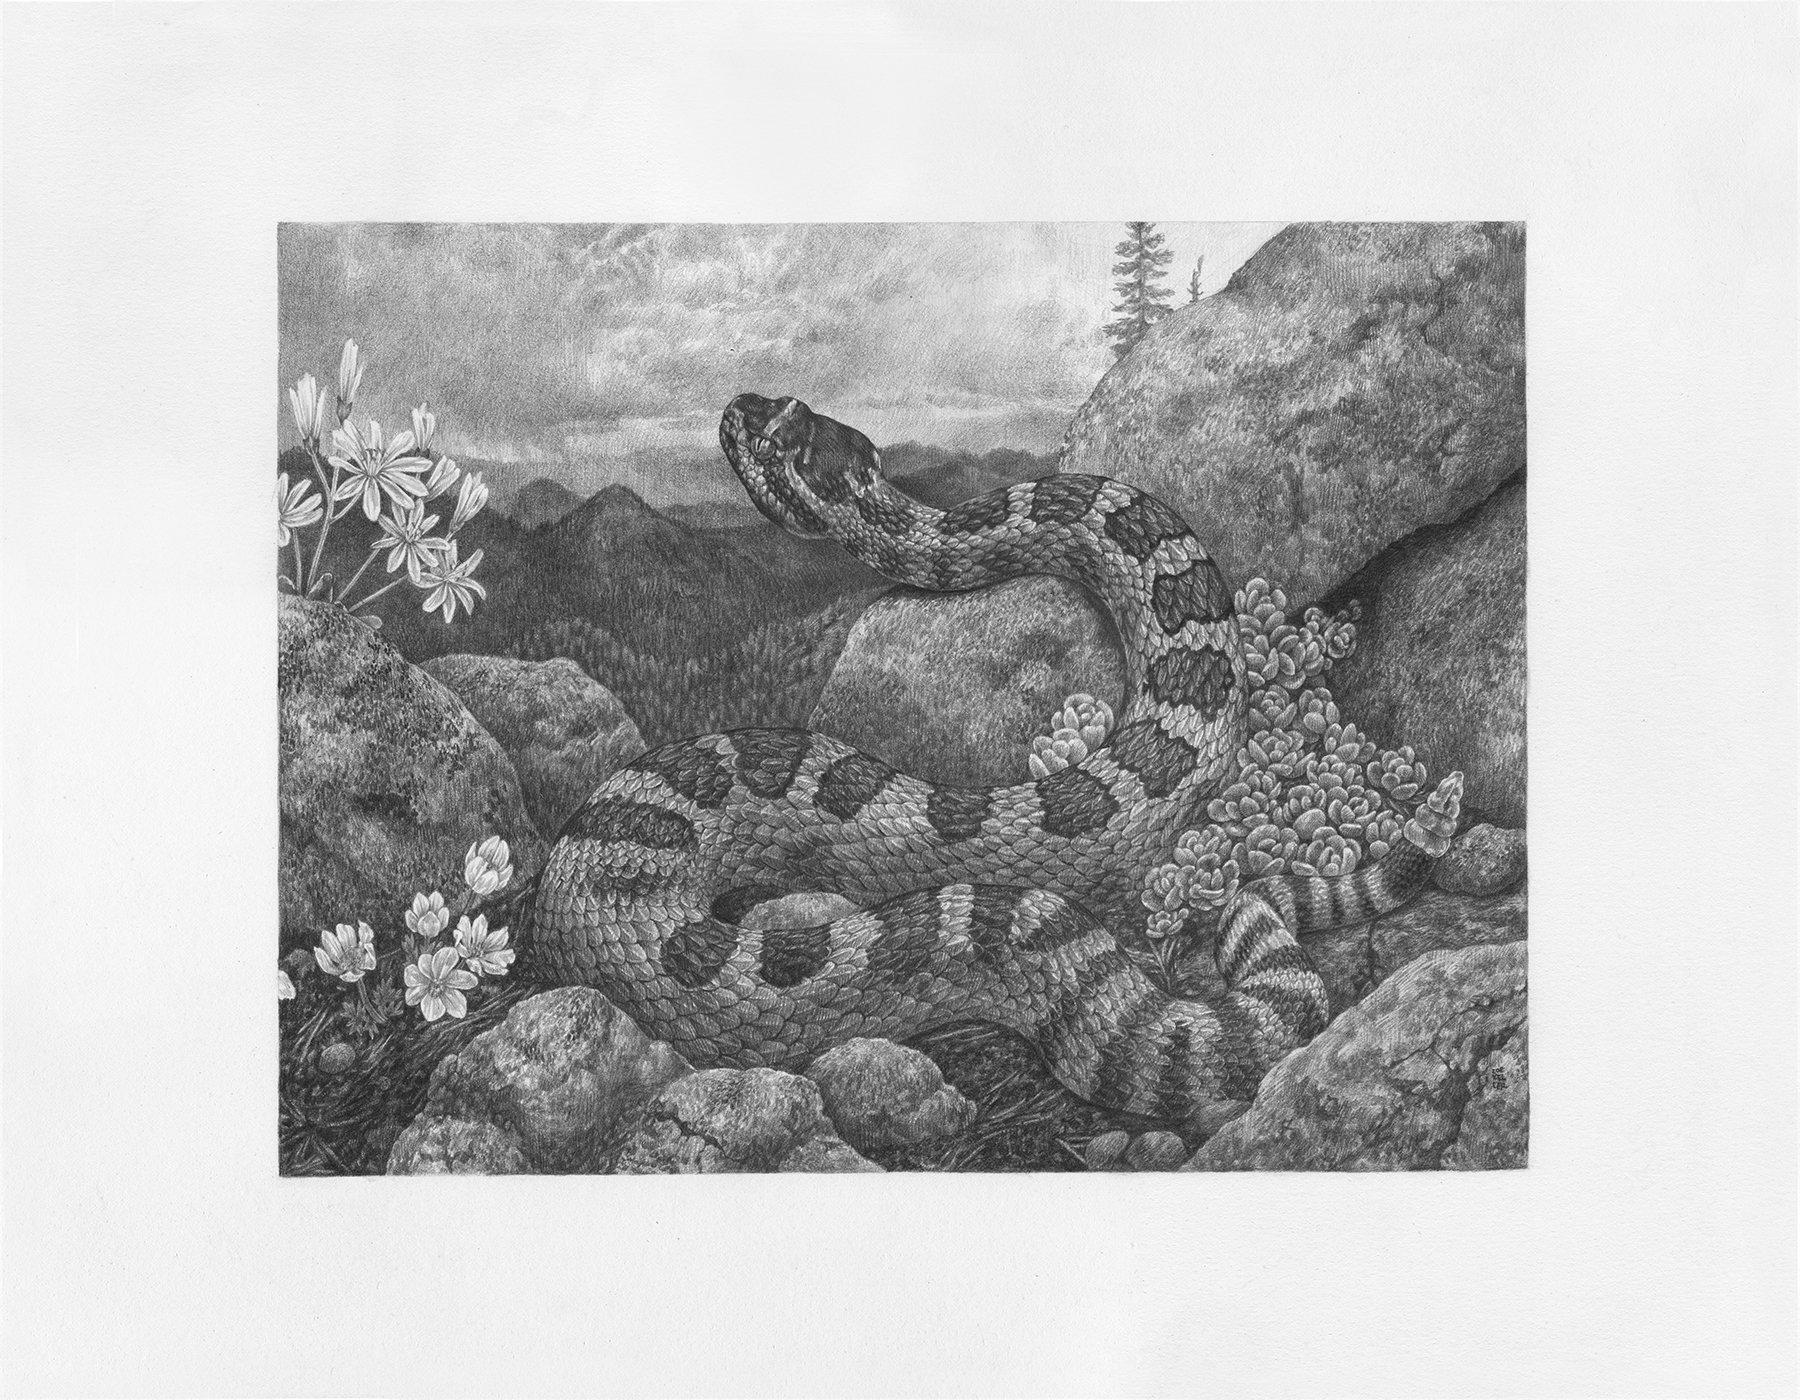 """Crotalus Viridis Oreganus, 14"""" x 18"""", Graphite on paper, 2018"""